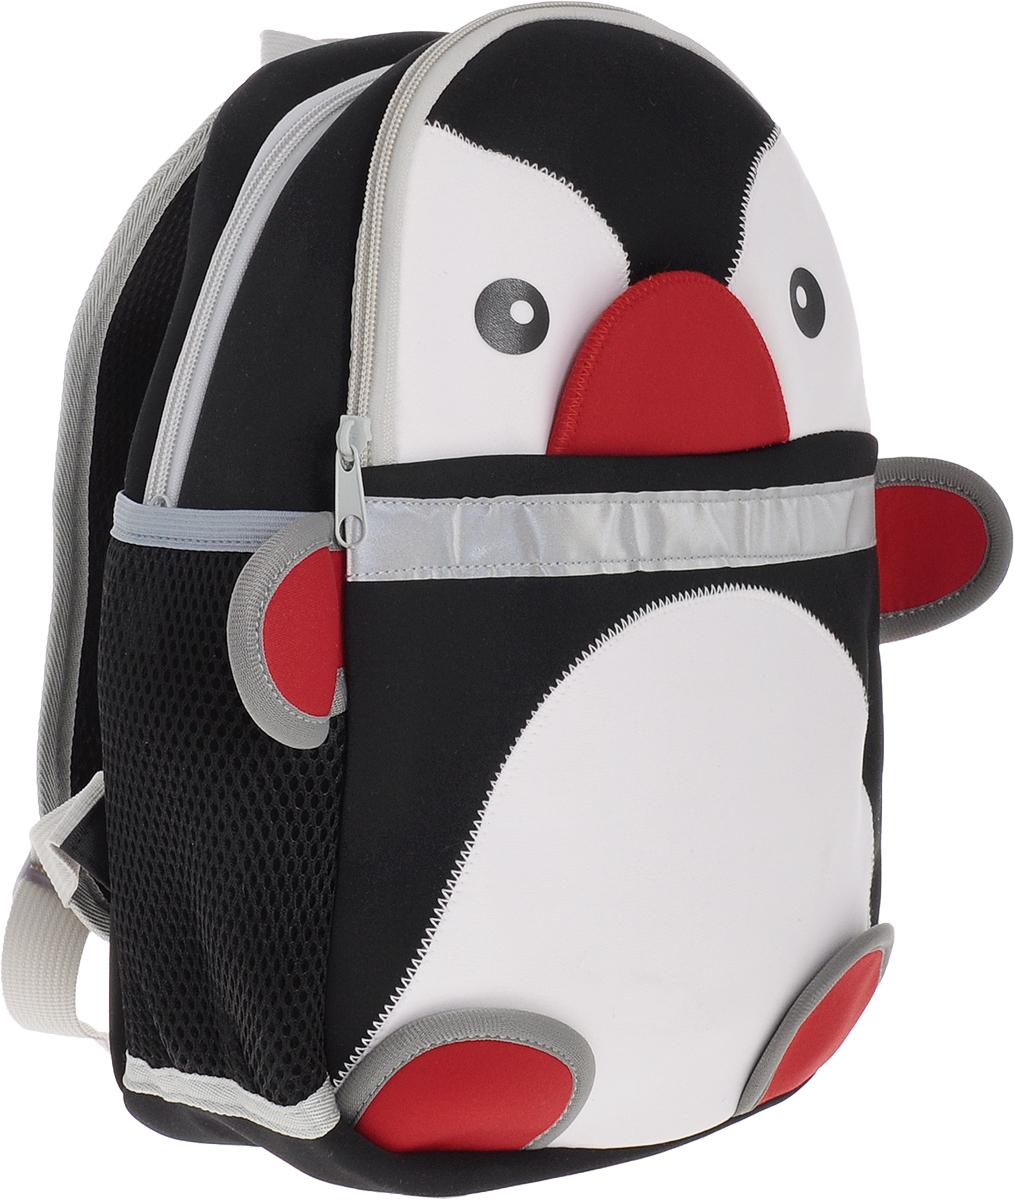 Феникс+ Рюкзак дошкольный Пингвин44616Дошкольный рюкзак Феникс+ Пингвин малыш сможет взять с собой на прогулку, в гости или в детский сад.Рюкзак выполнен из износоустойчивой ткани, что позволяет ему надежно служить долгое время. Лицевая сторона изделия выполнена в виде пингвина и дополнена накладным карманом на застежке-молнии. Изделие содержит одно отделение, закрывающееся на молнию. По бокам данной модели находятся два открытых сетчатых кармашка.Рюкзак оснащен регулируемыми по длине плечевыми лямками и дополнен текстильной ручкой для переноски в руках. Светоотражающие элементы не оставят незамеченным вашего ребенка в темное время суток.